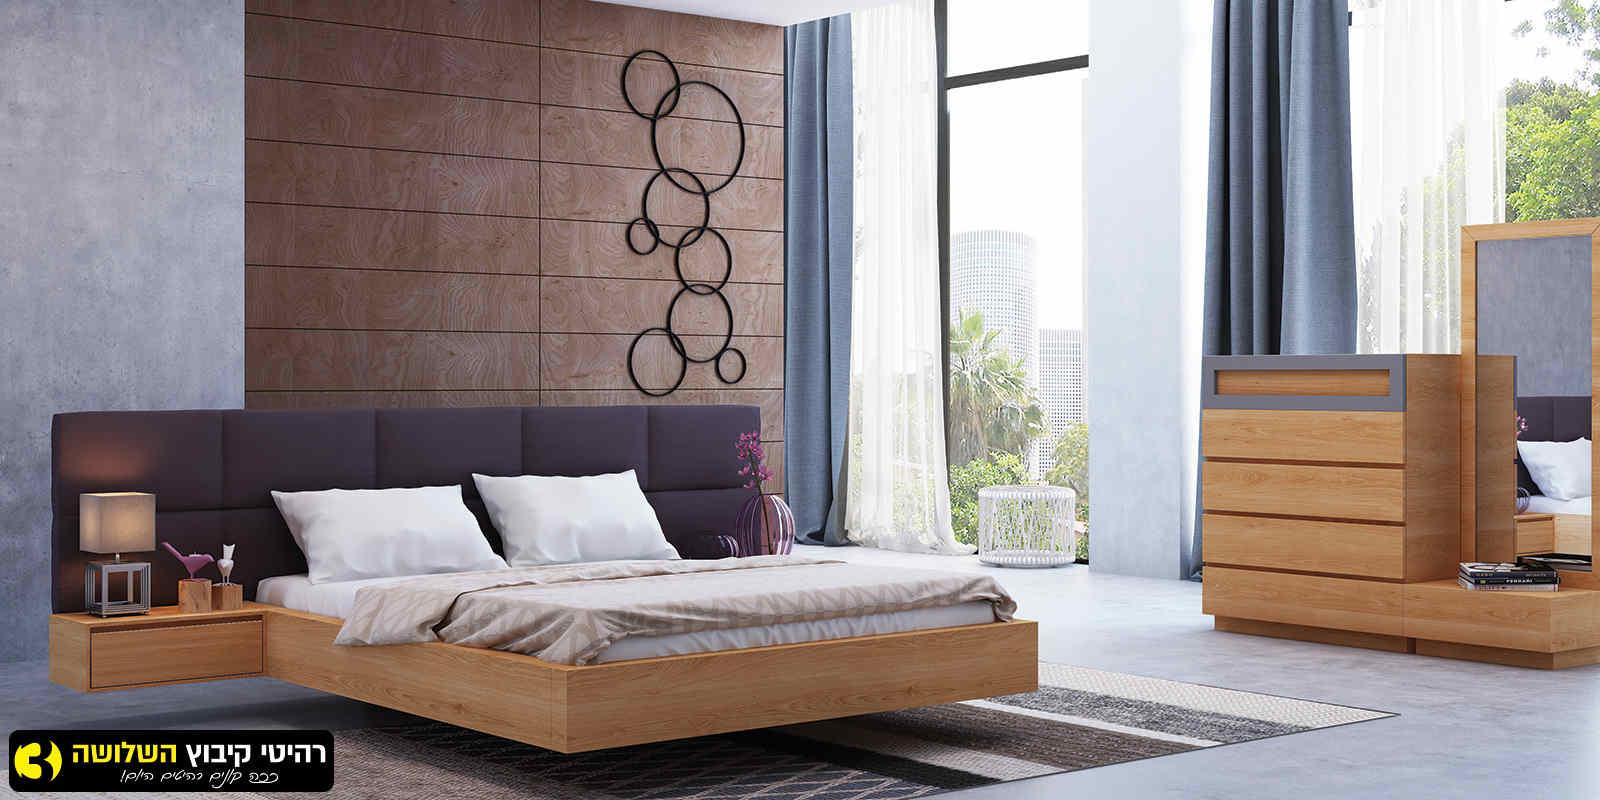 חדר שינה מעוצב אגם